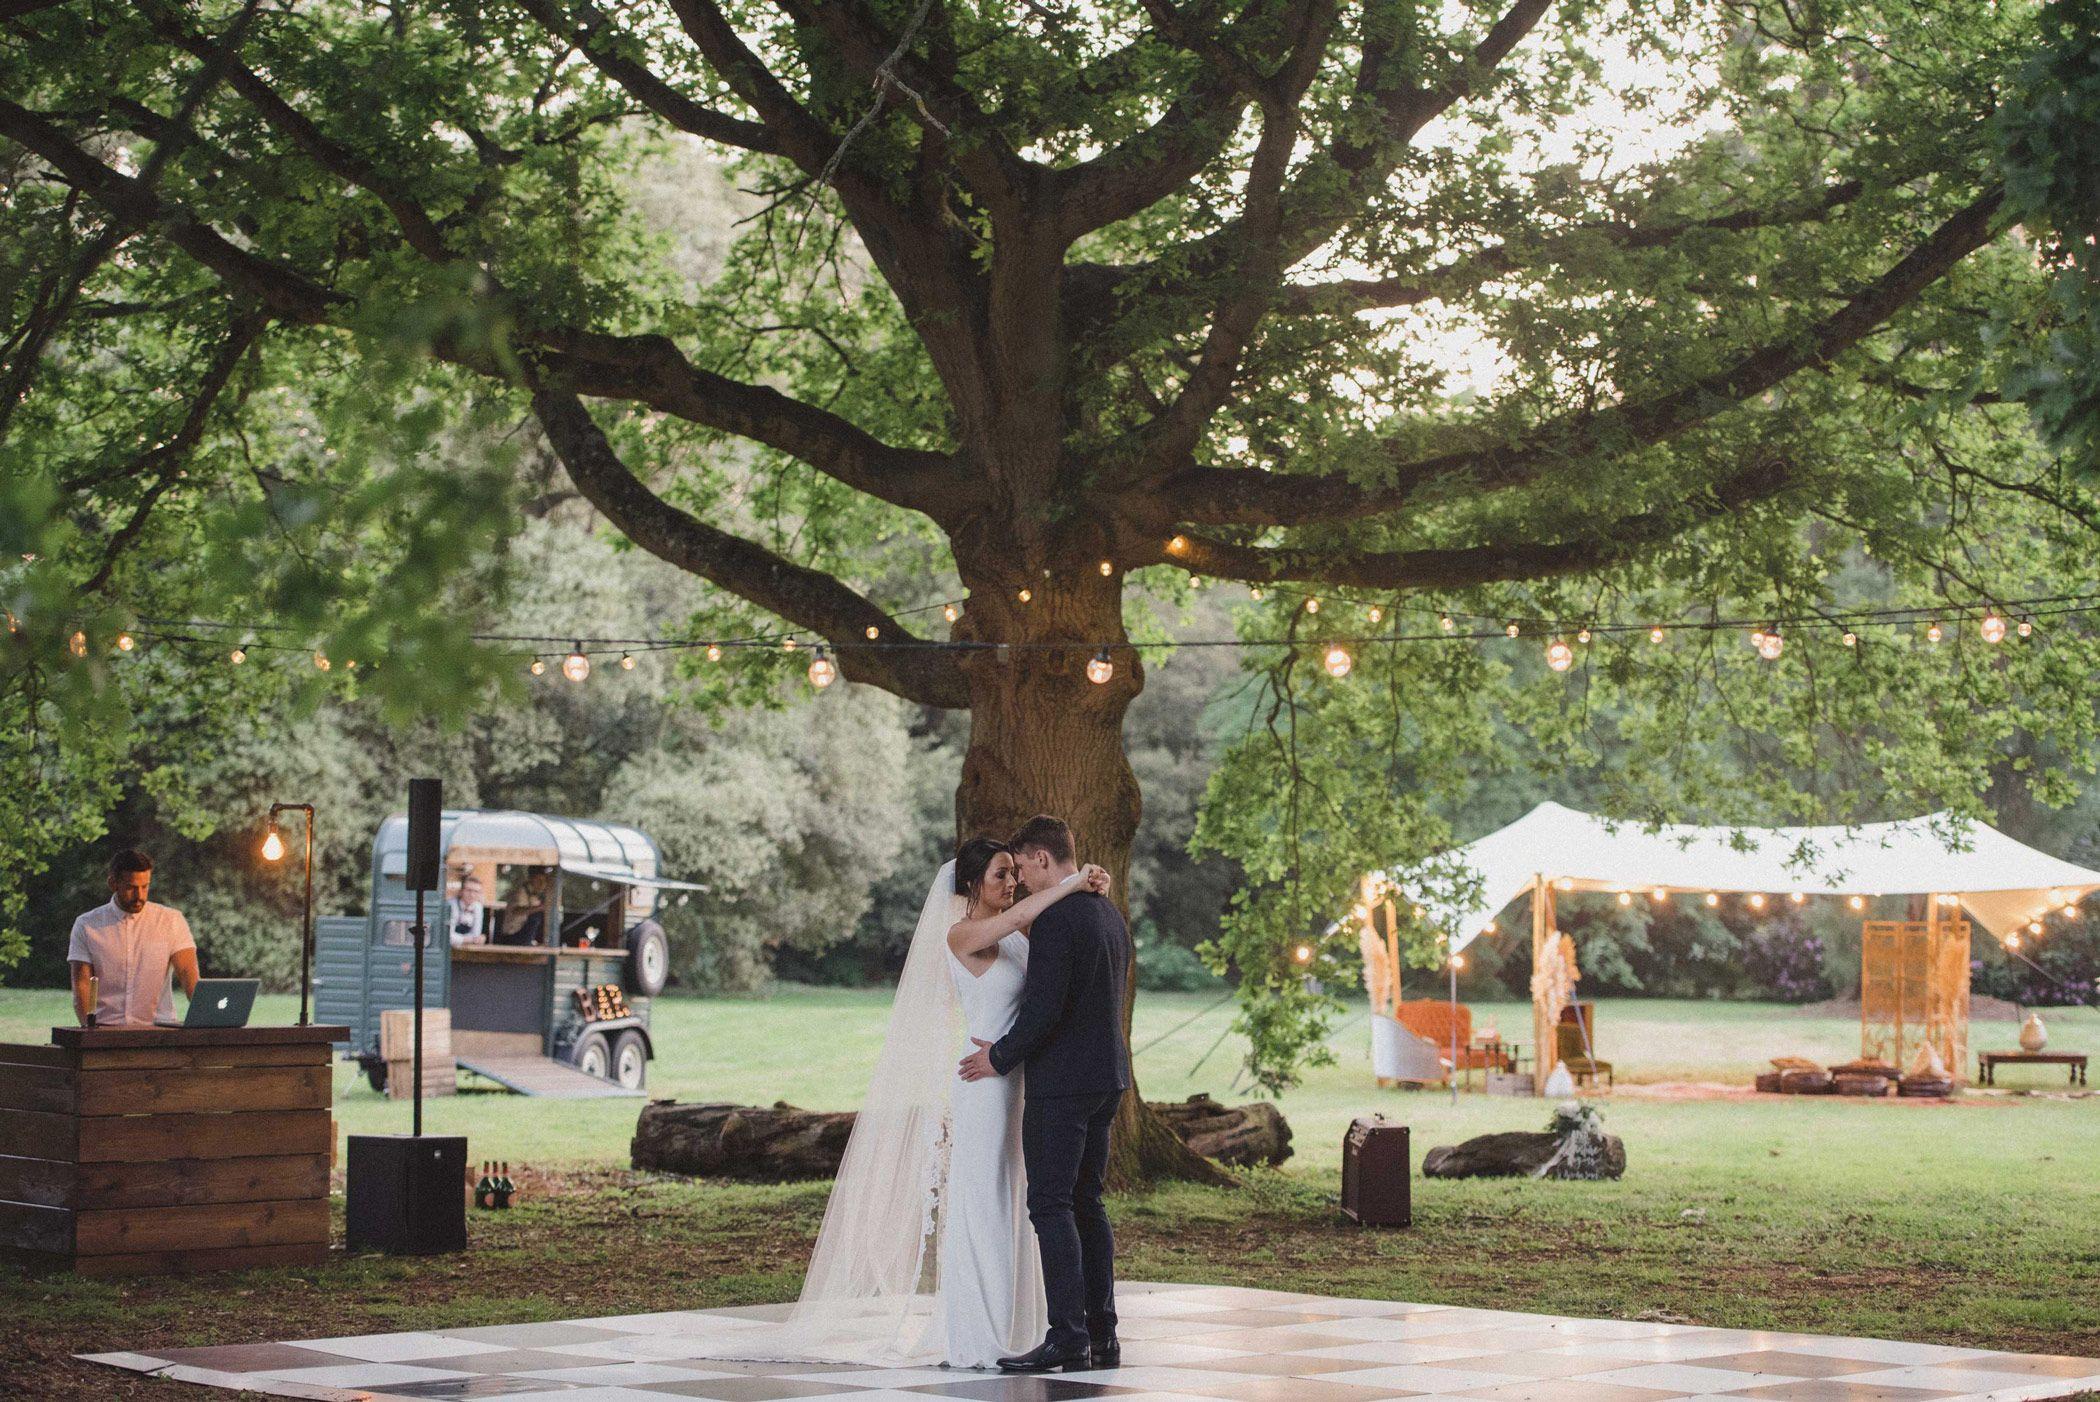 The Manor Gardens outdoor wedding venue